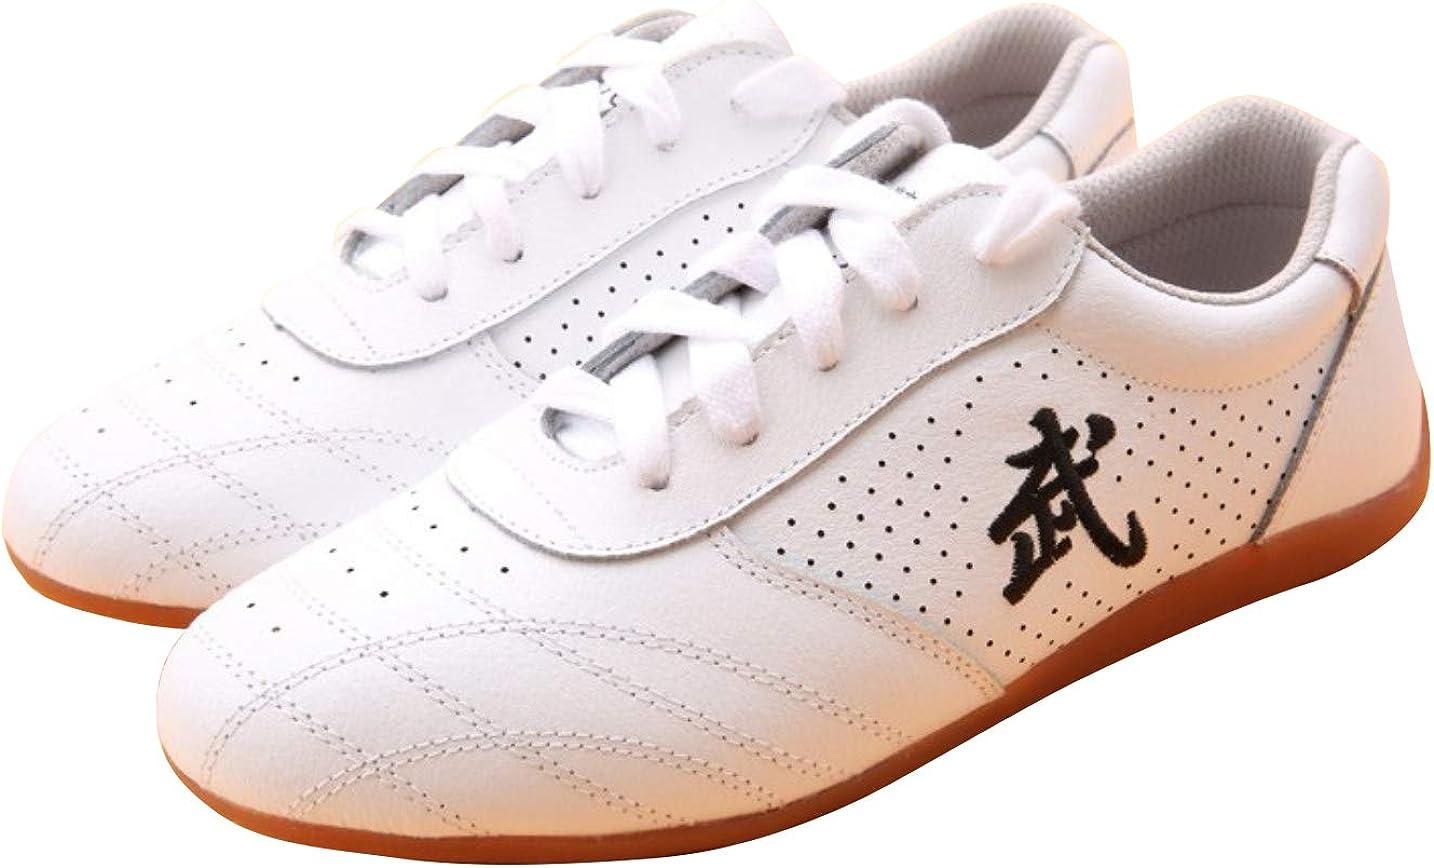 Professional Kung fu Shoes Martial arts Wushu Taichi Boxing Training Sports Shoe